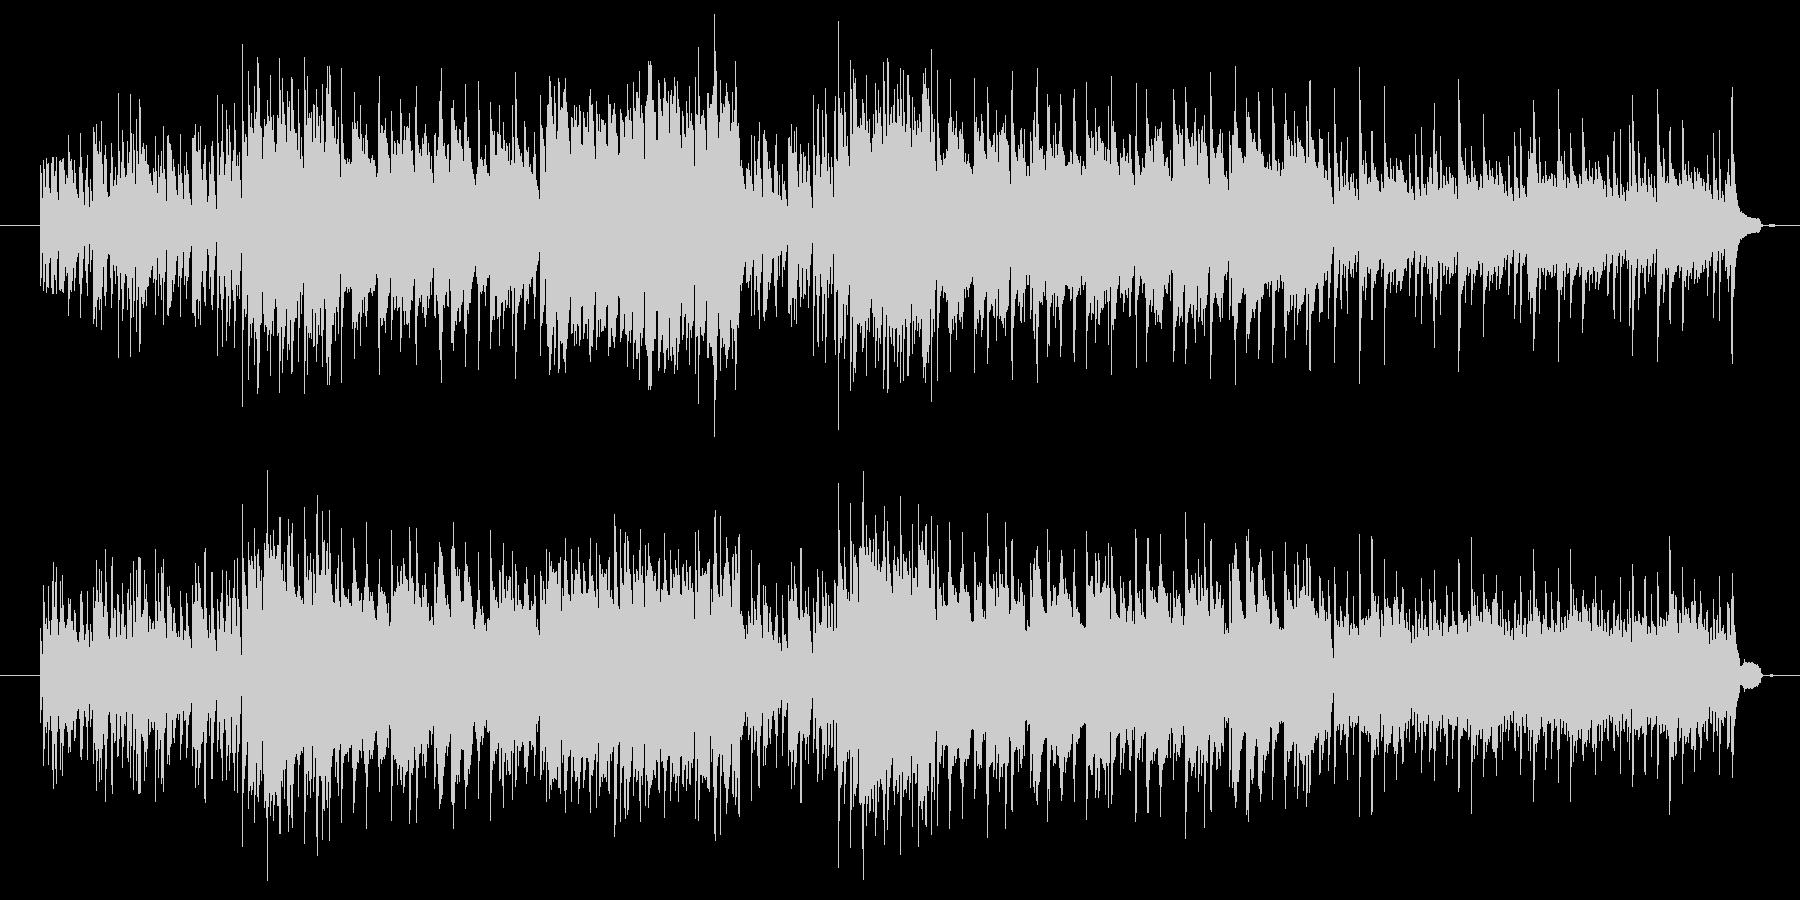 軽やかで明るいピアノ音楽の未再生の波形